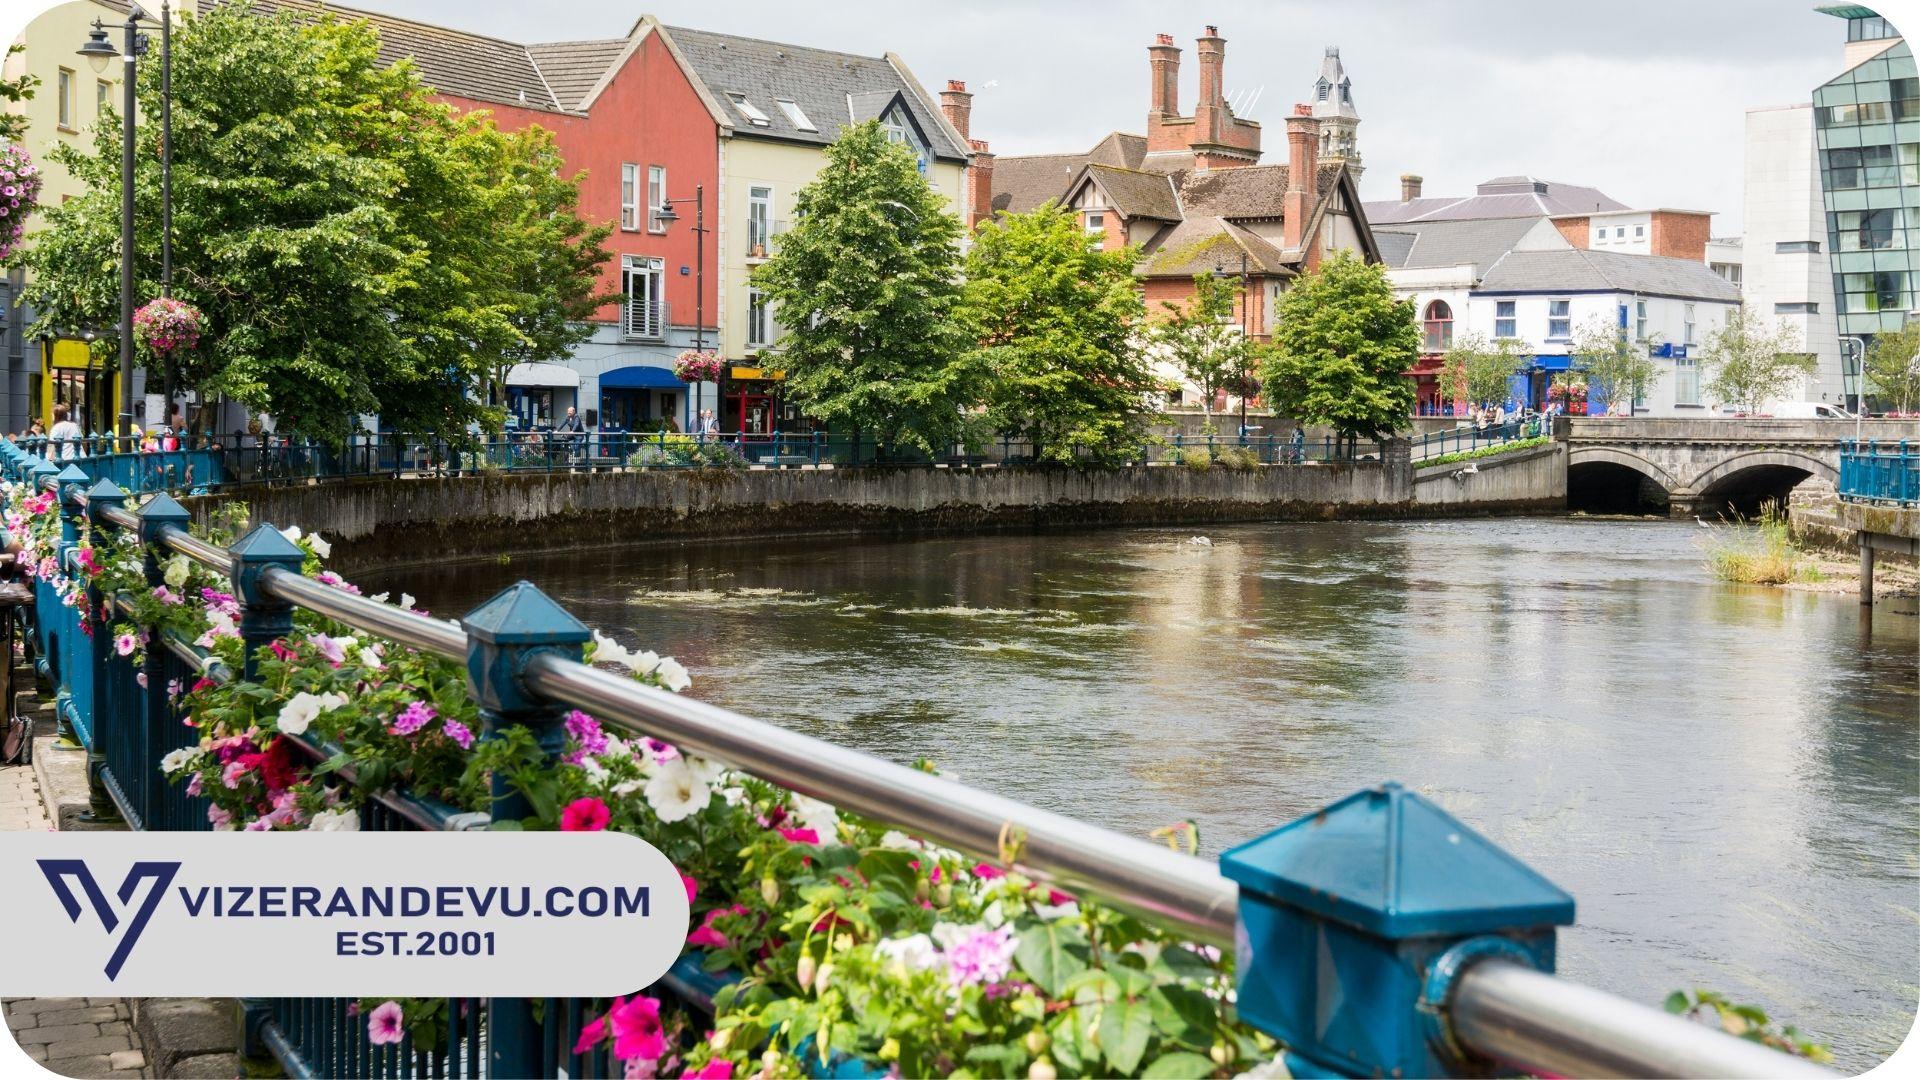 İrlanda Kısa Süreli Vizeler Nelerdir